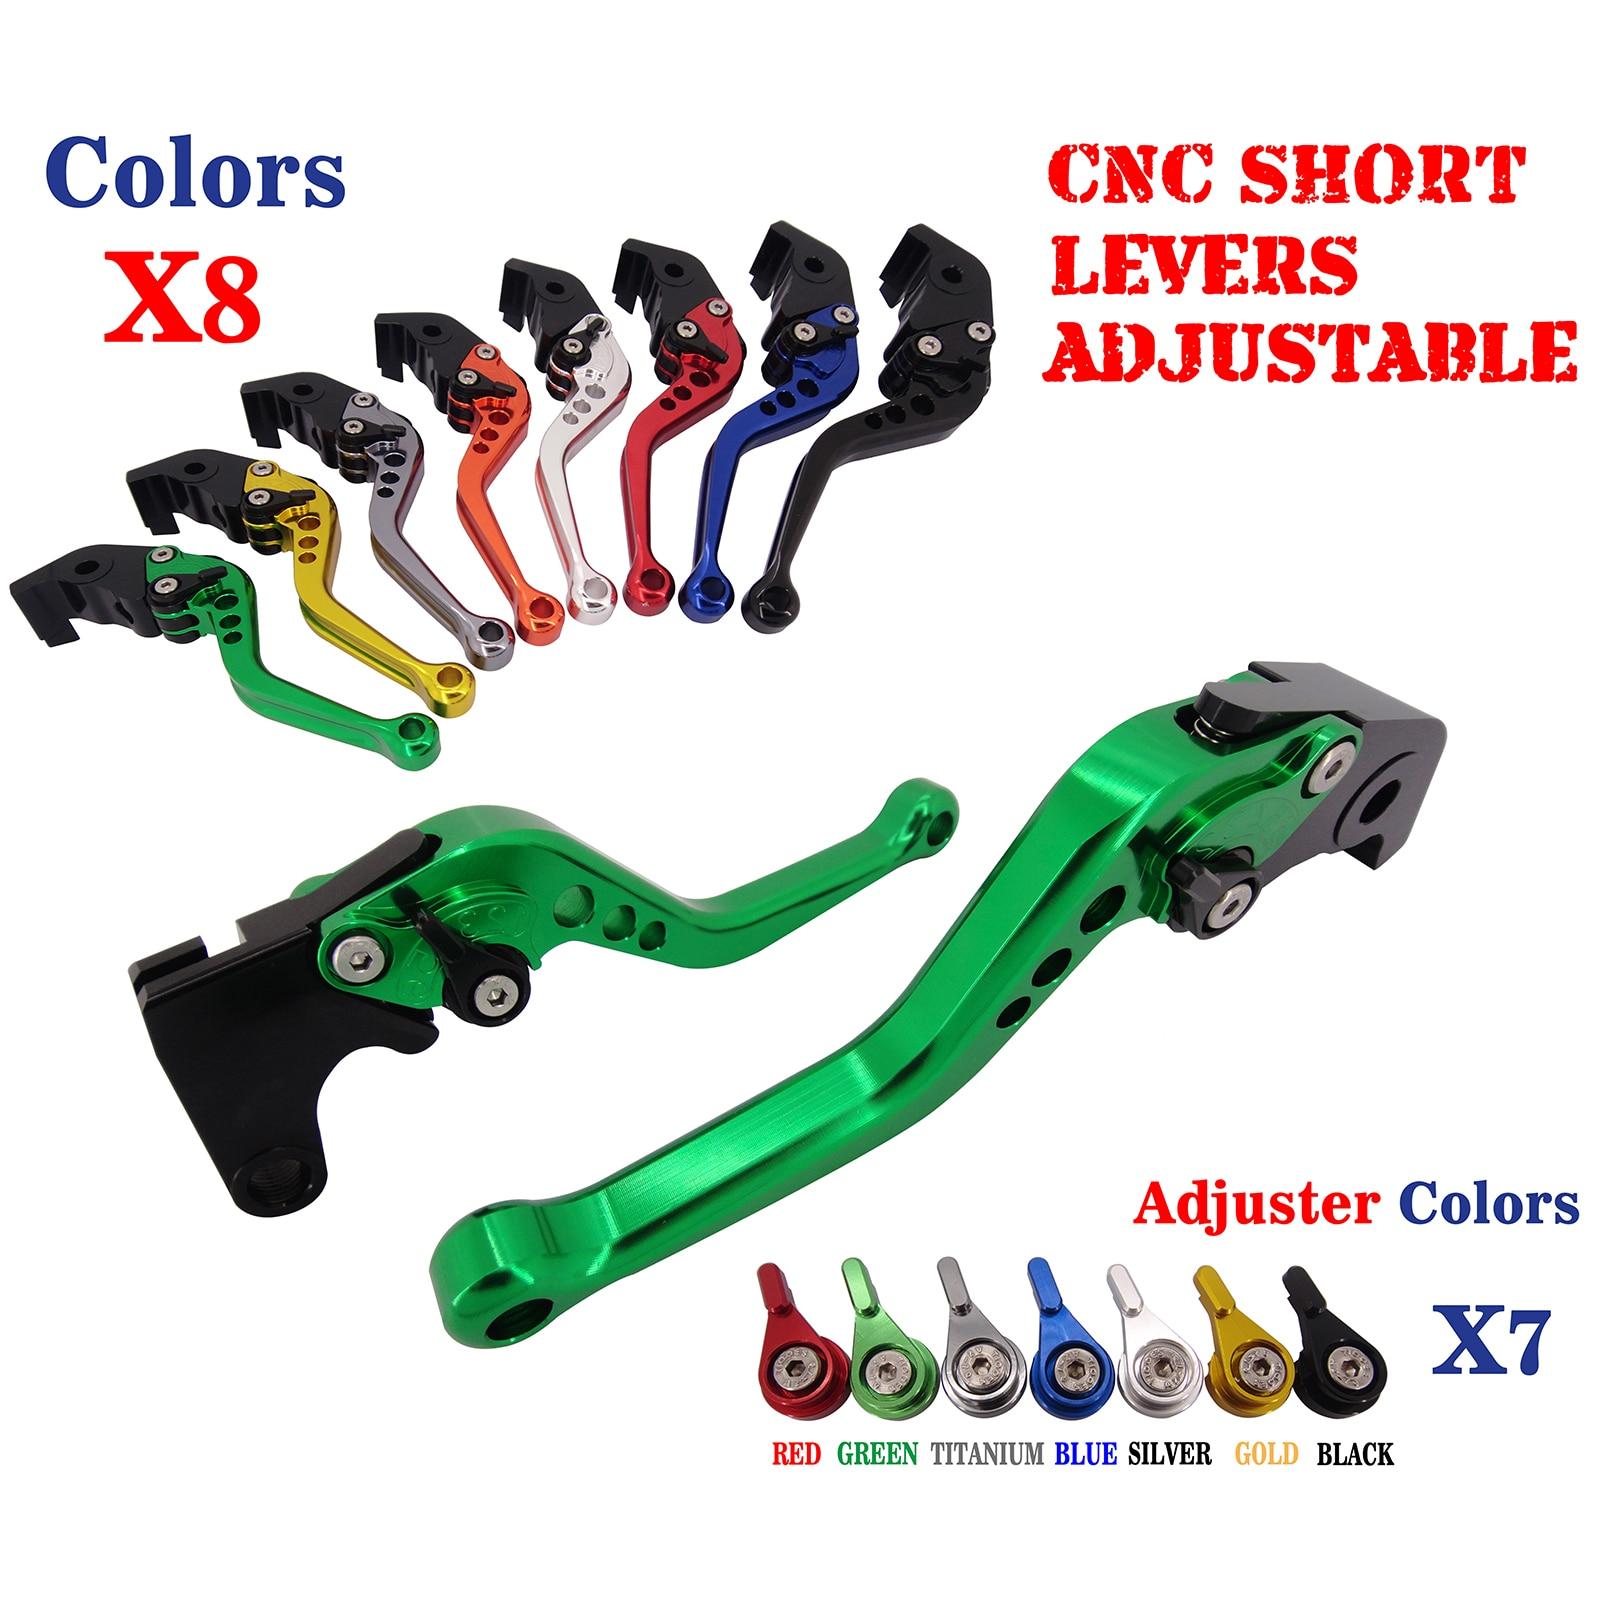 CNC Court Réglable Frein Leviers D'embrayage Pour Honda CB599/CB600 Hornet CBR900RR NC750 NC700 S/X CBR600 F2 F3 F4 F4i 1991-2007